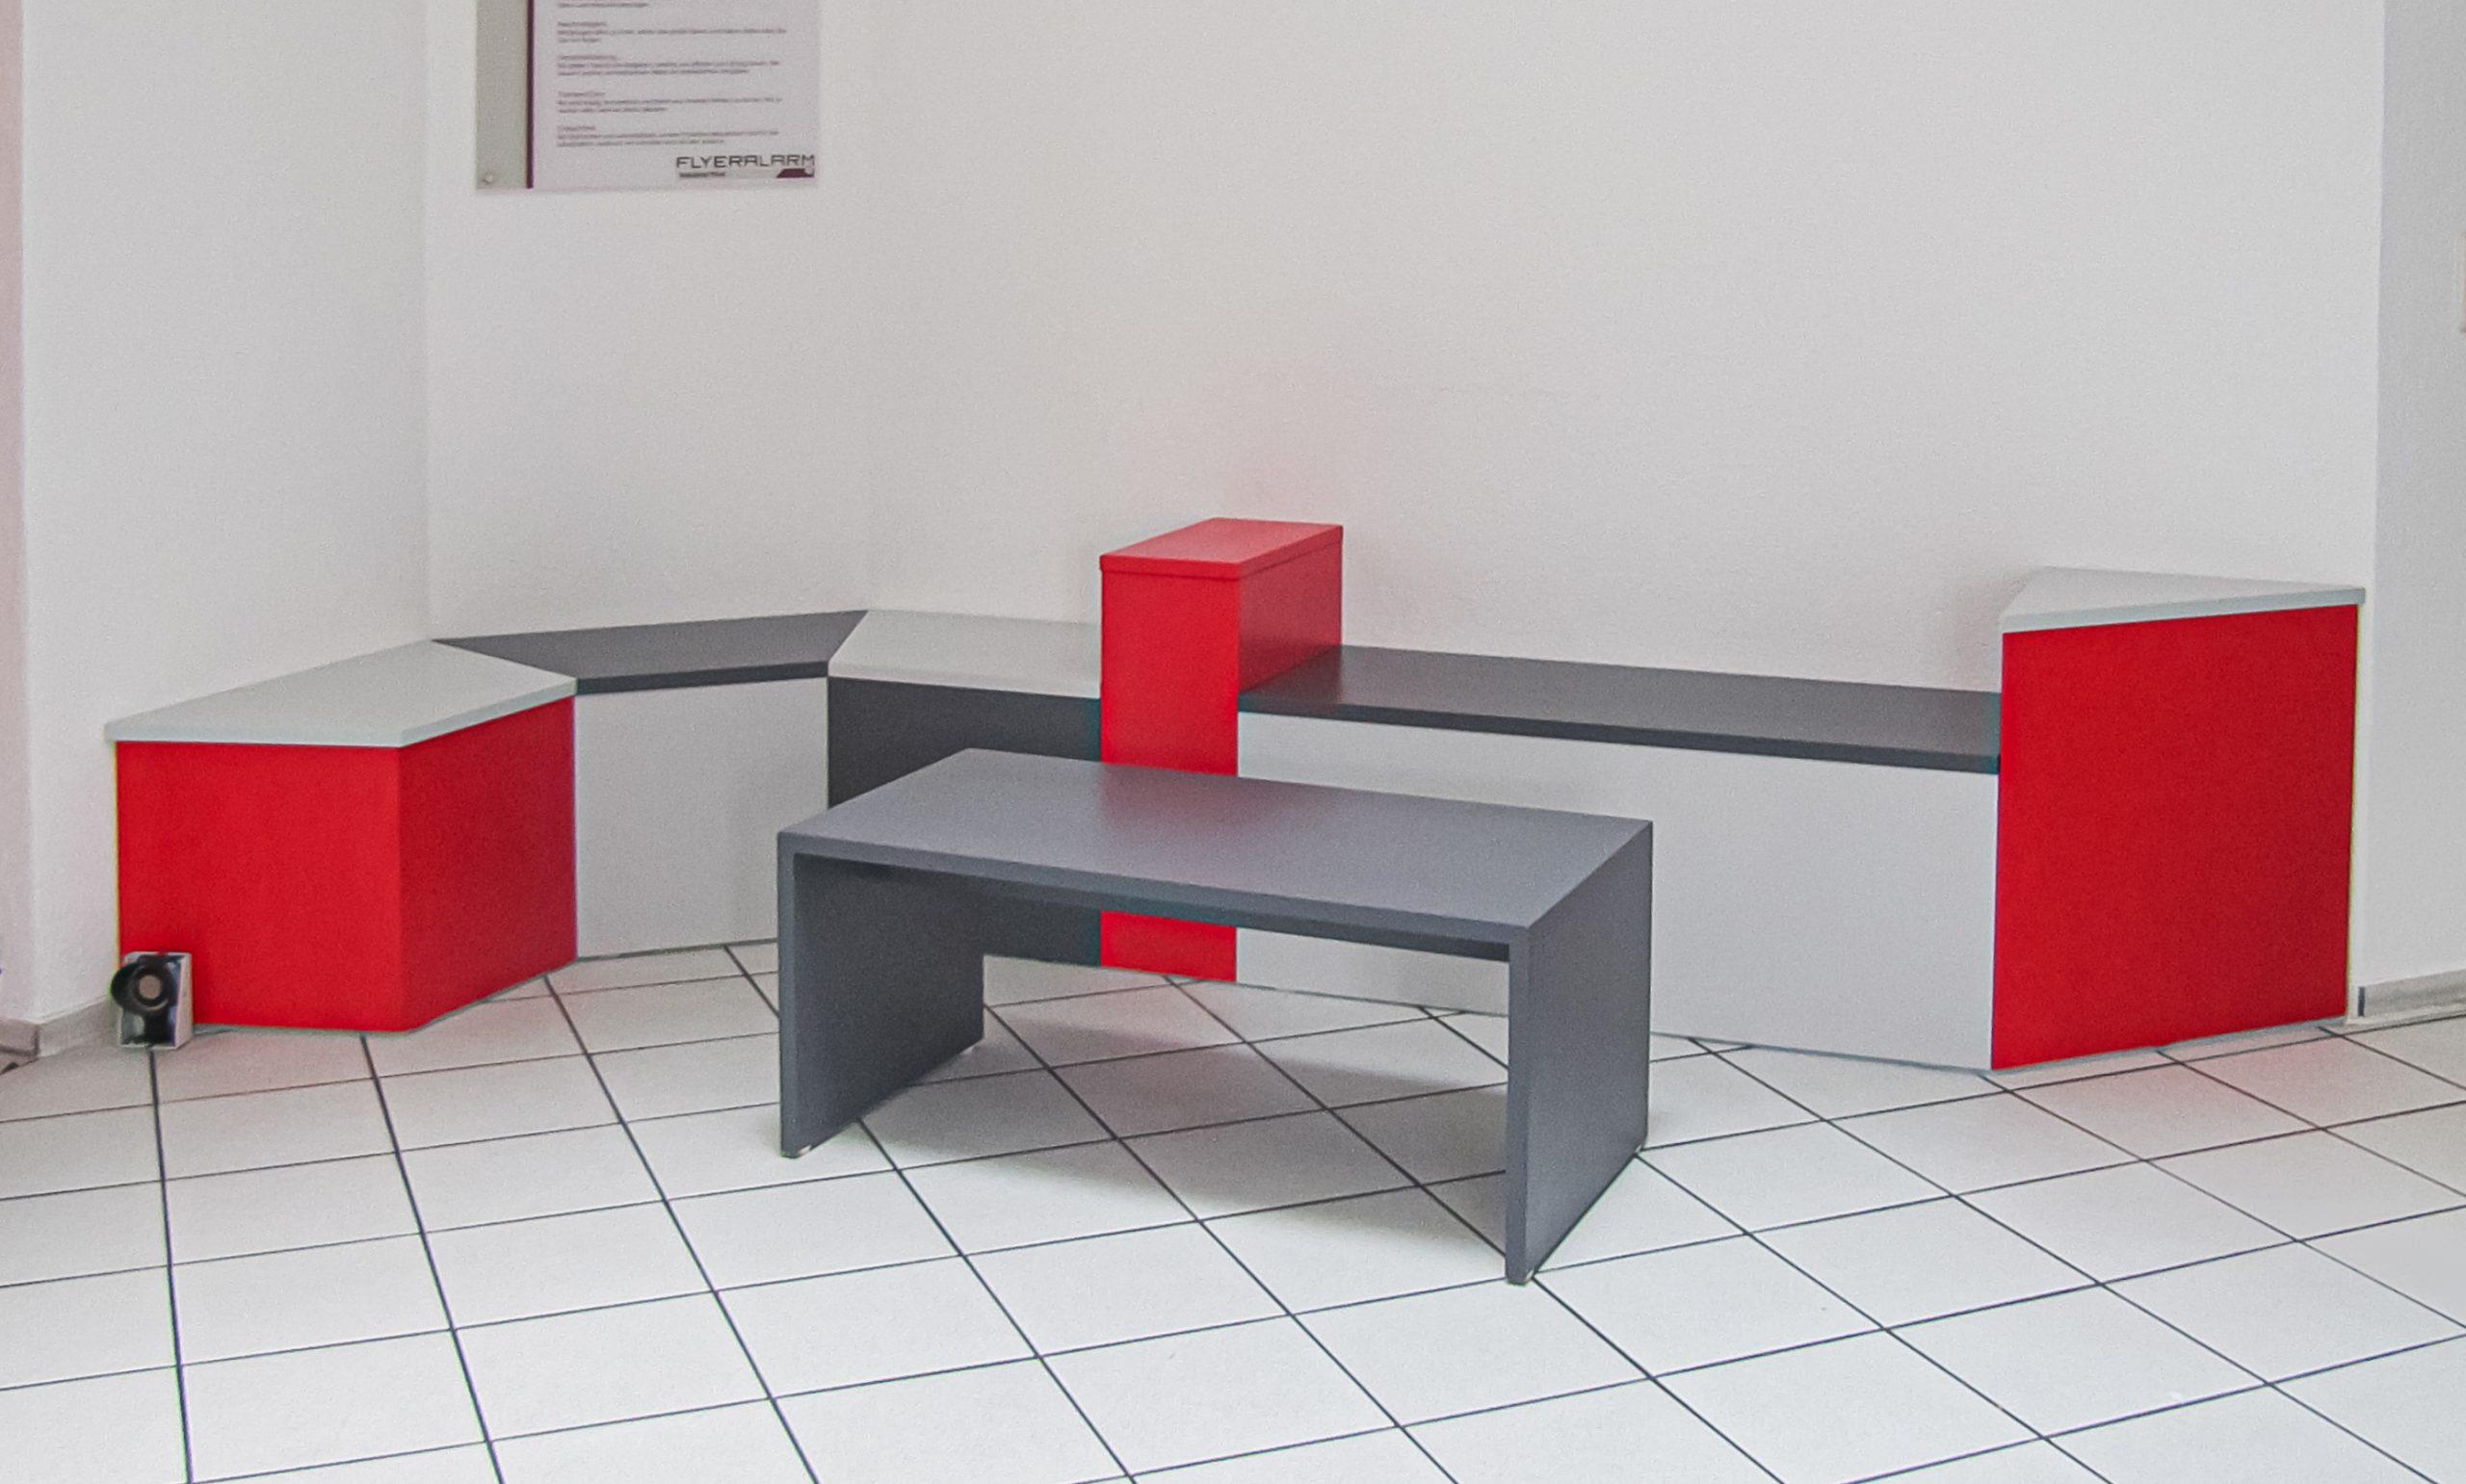 Sitzecke mit Rot, Grauen Brandschutzmöbeln an der wand